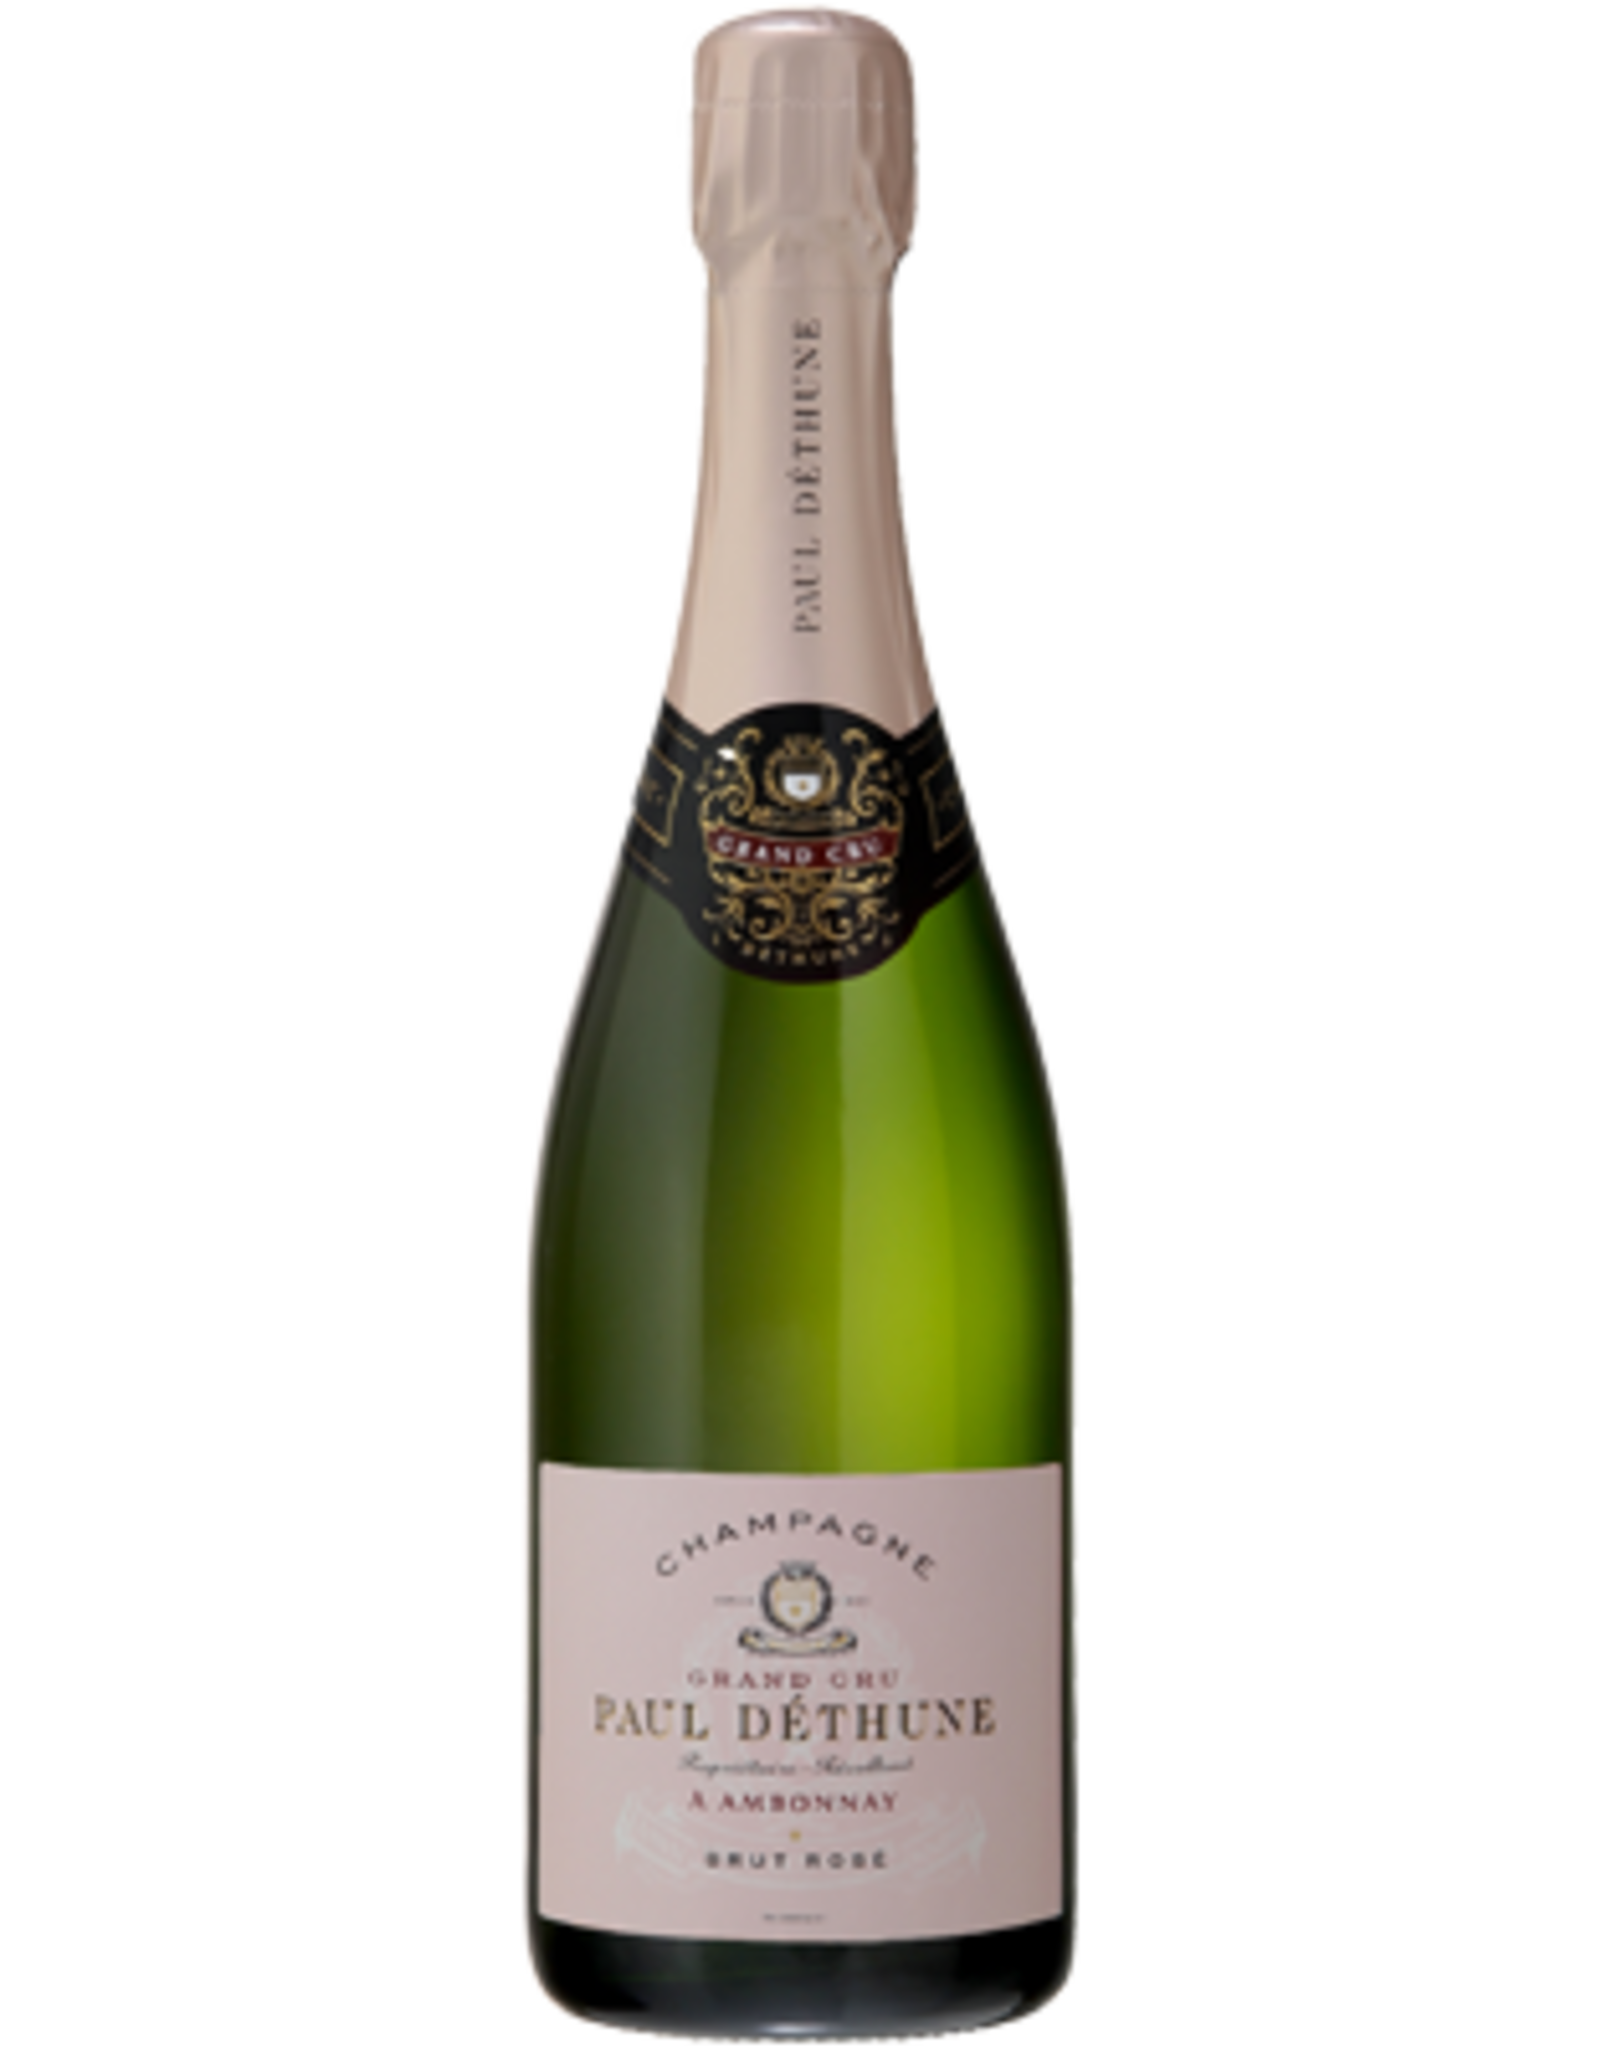 Paul Déthune Champagne Paul Déthune Rosé Grand Cru